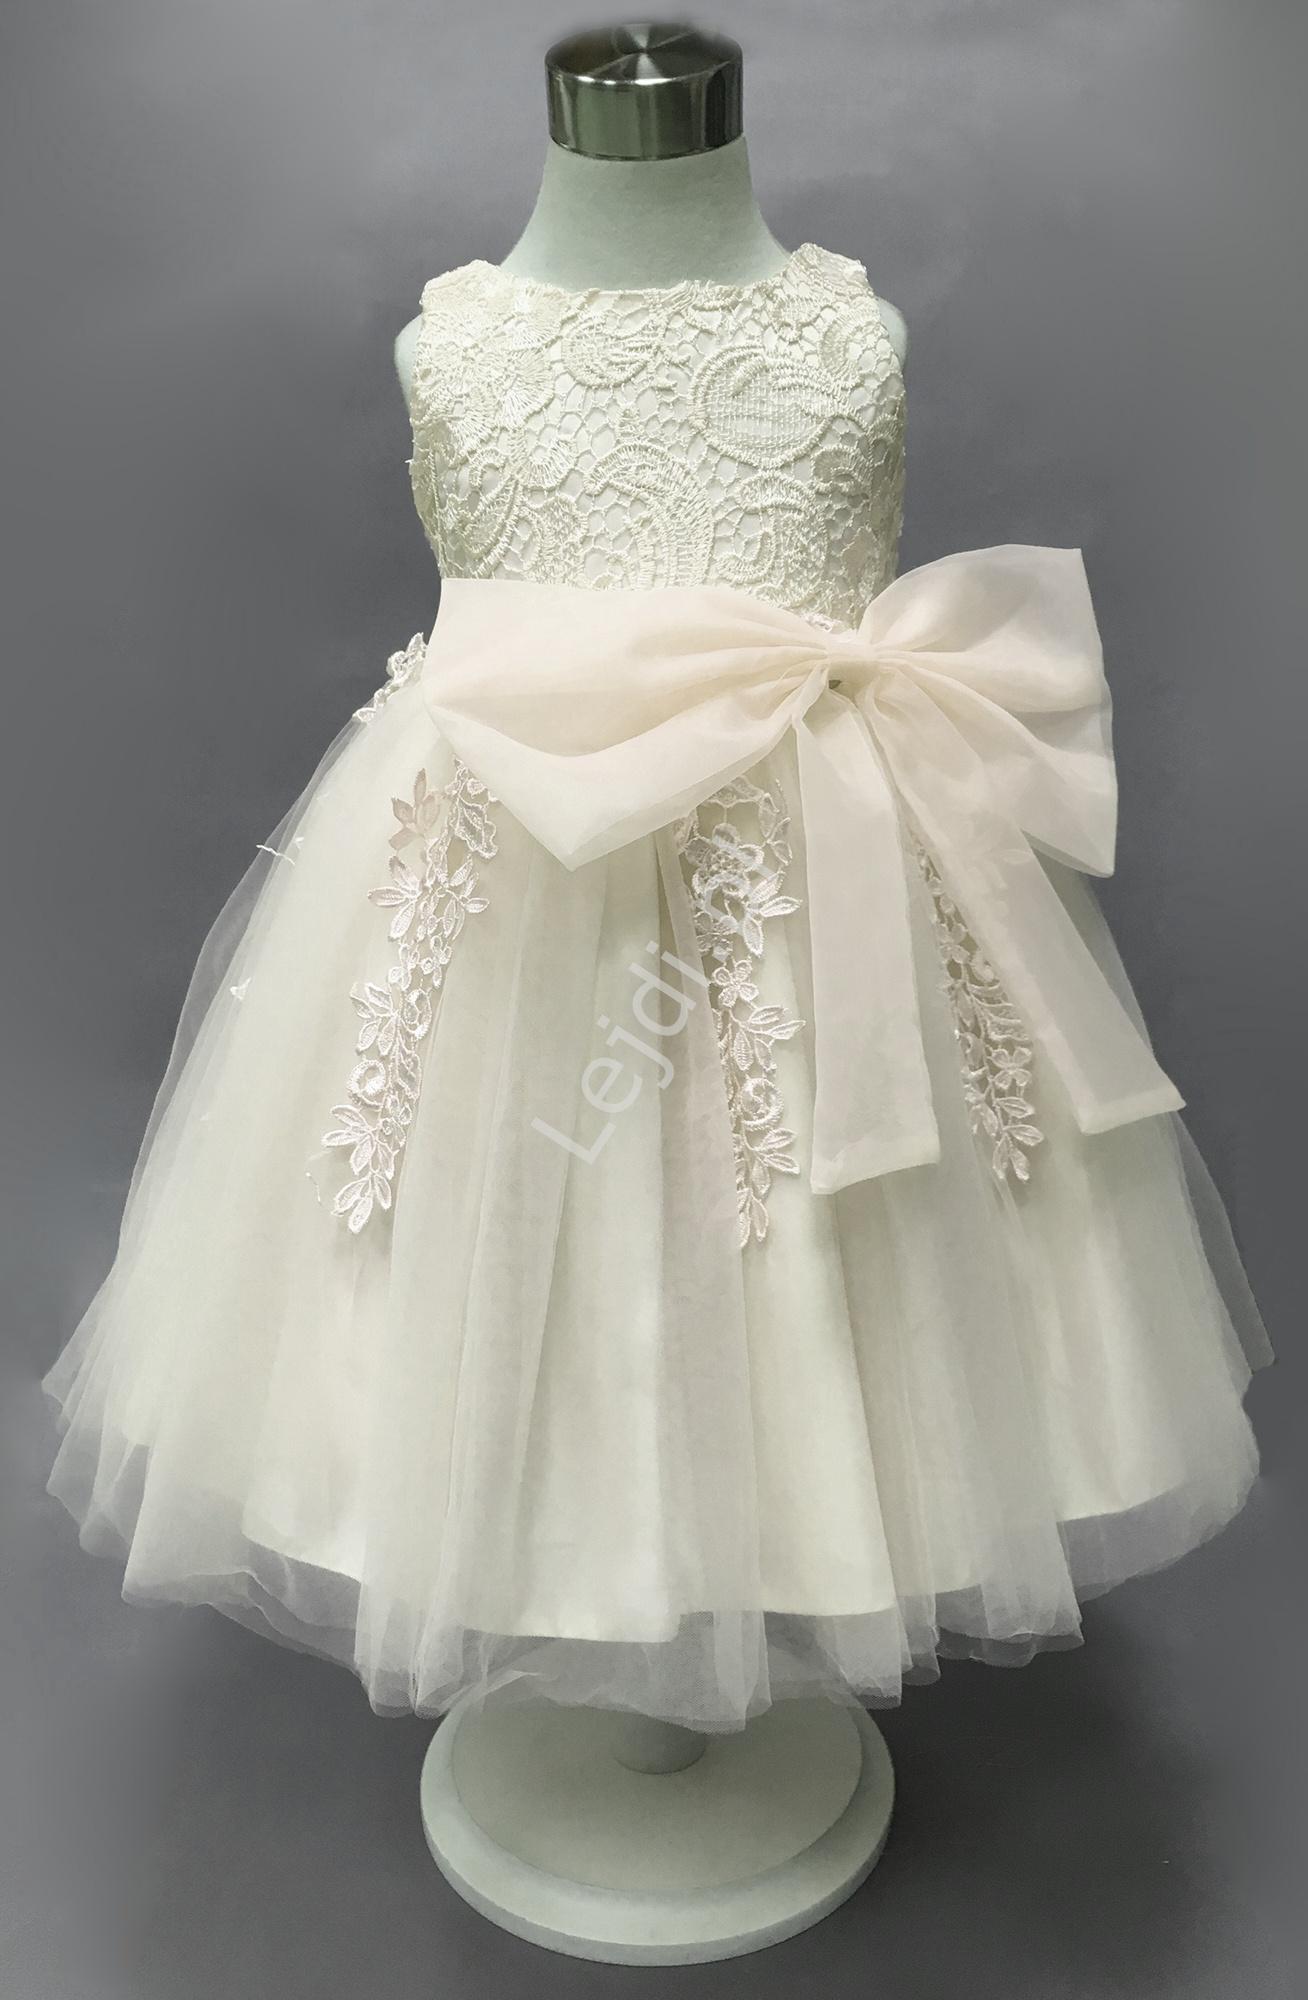 b6cf3faedc Biała sukienka dla dziewczynki